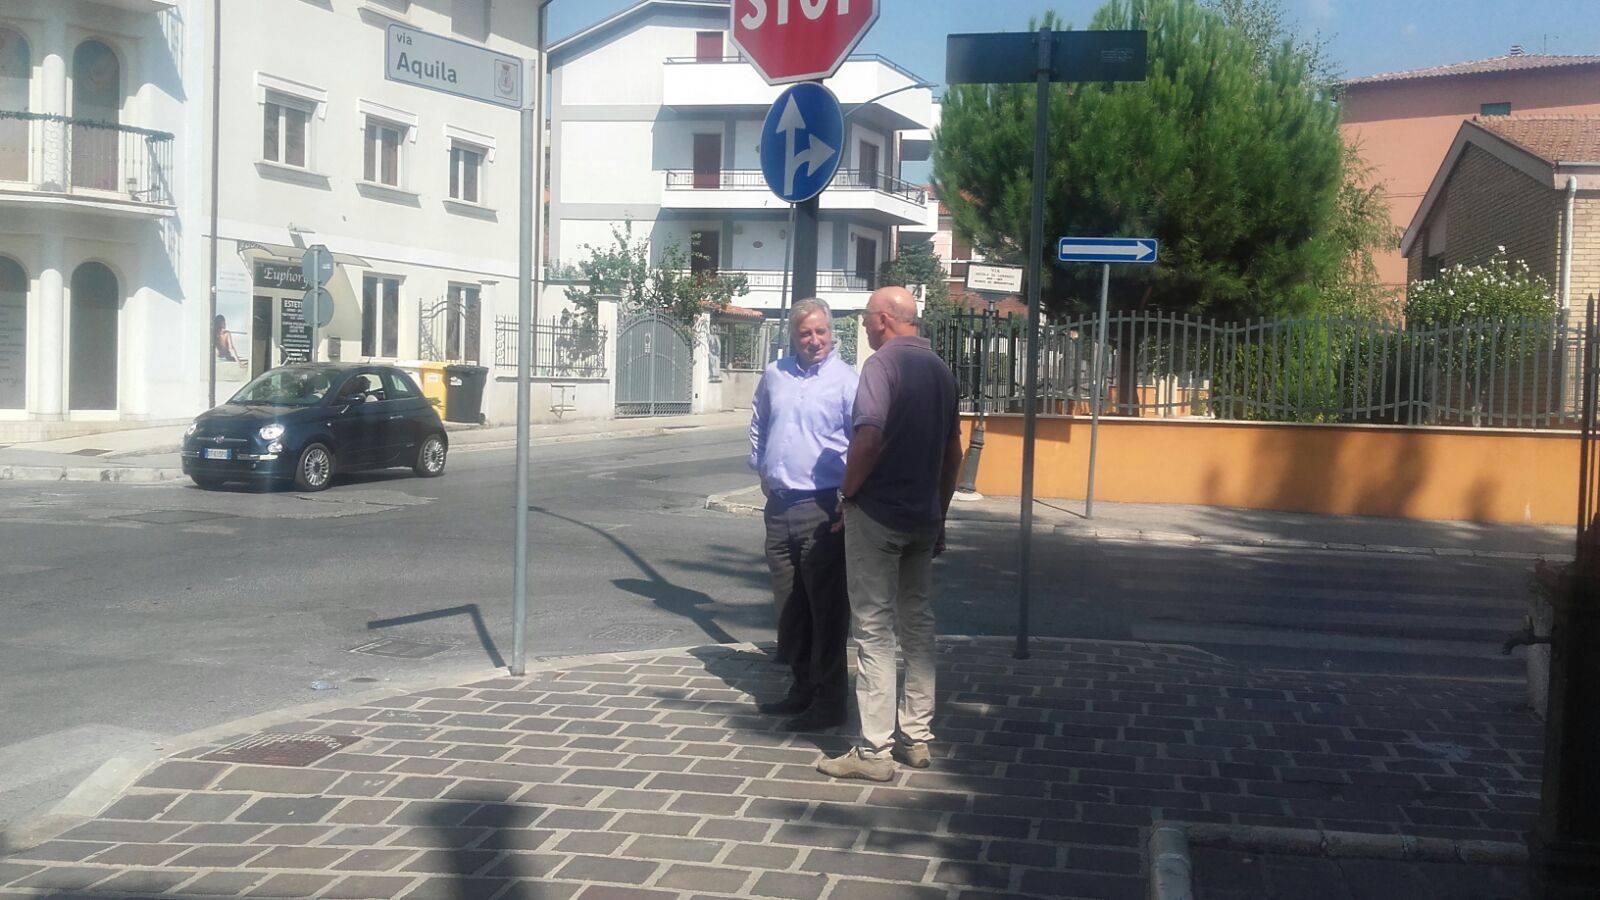 Sopralluogo del Comune all'incrocio tra via Aquila e via Nicola Di Lorenzo, in valutazione l'installazione di un semaforo